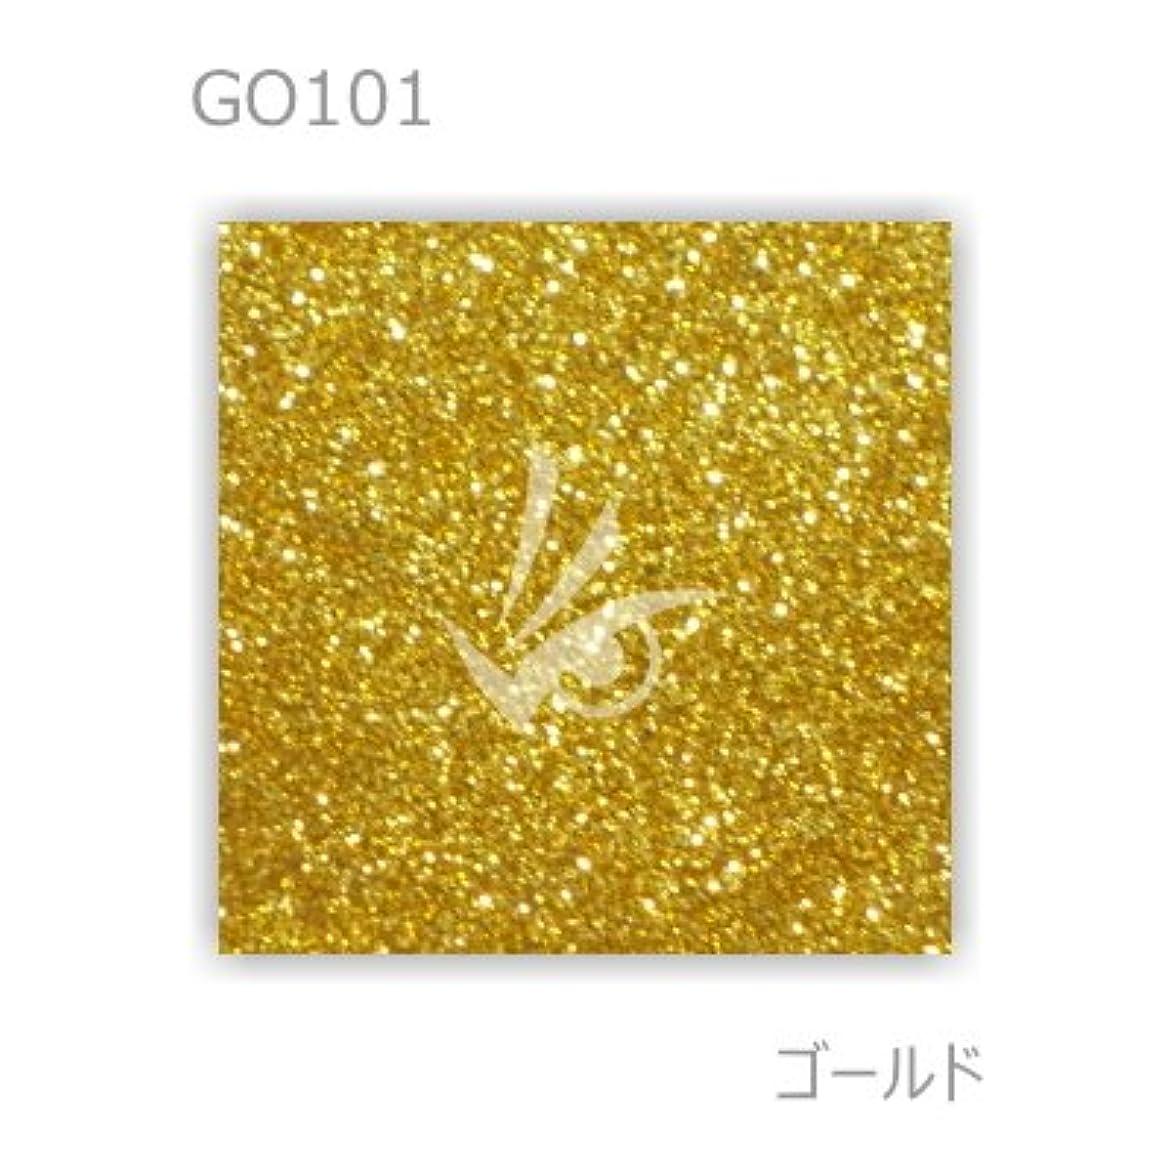 給料パック老朽化した業務用 グリッター ラメパウダー ホログラム (ゴールド) (1kg) (0.1mm)